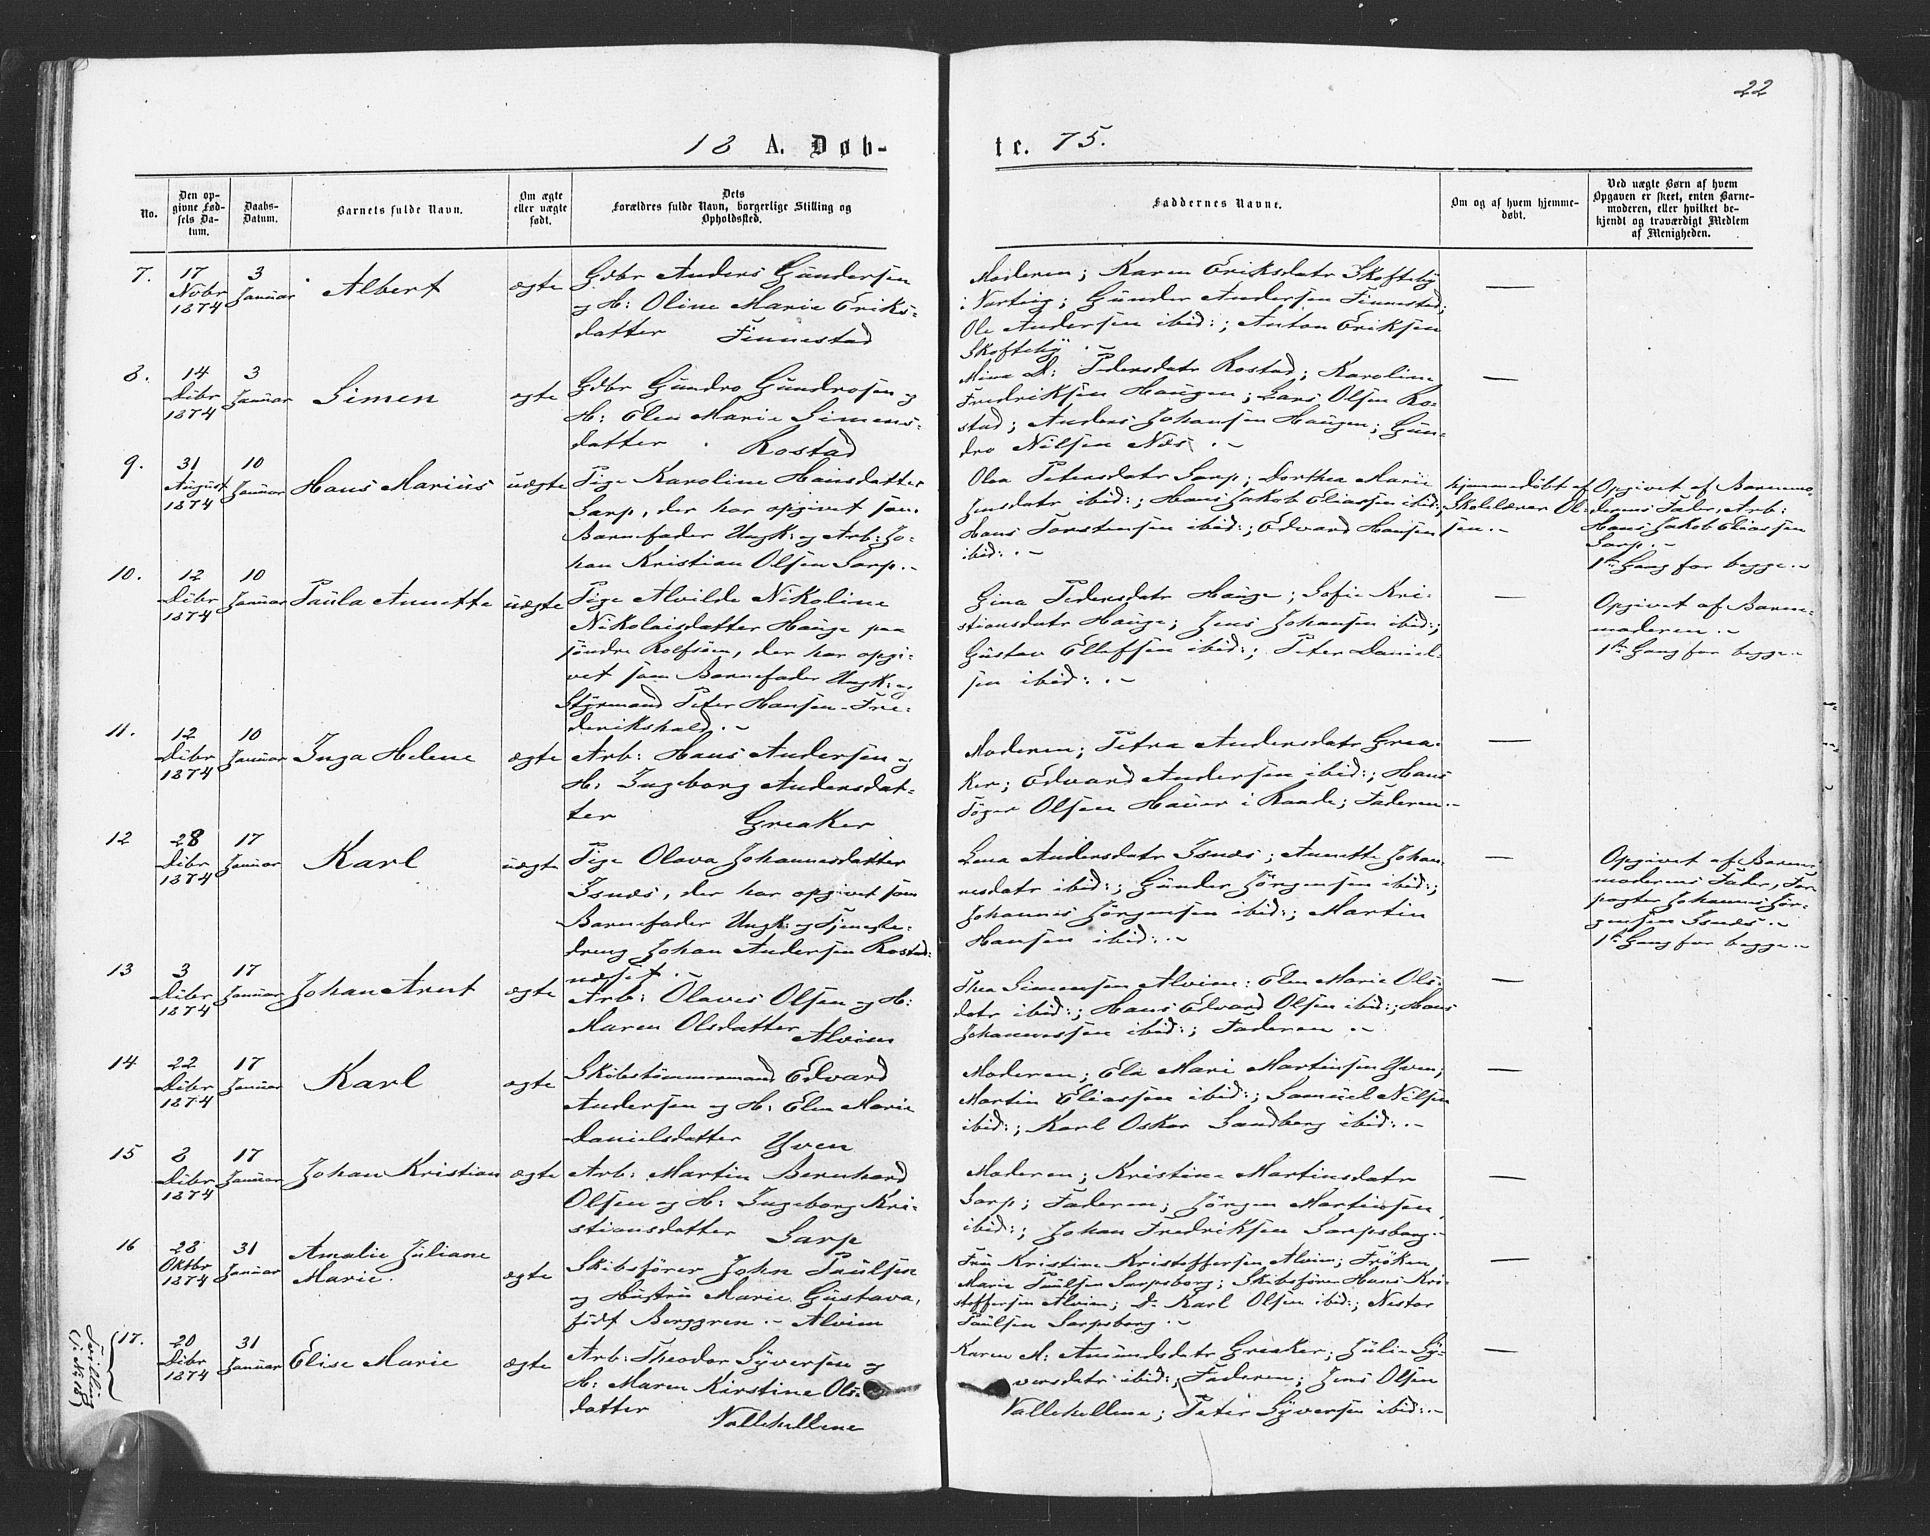 SAO, Tune prestekontor Kirkebøker, F/Fa/L0016: Ministerialbok nr. 16, 1874-1877, s. 22